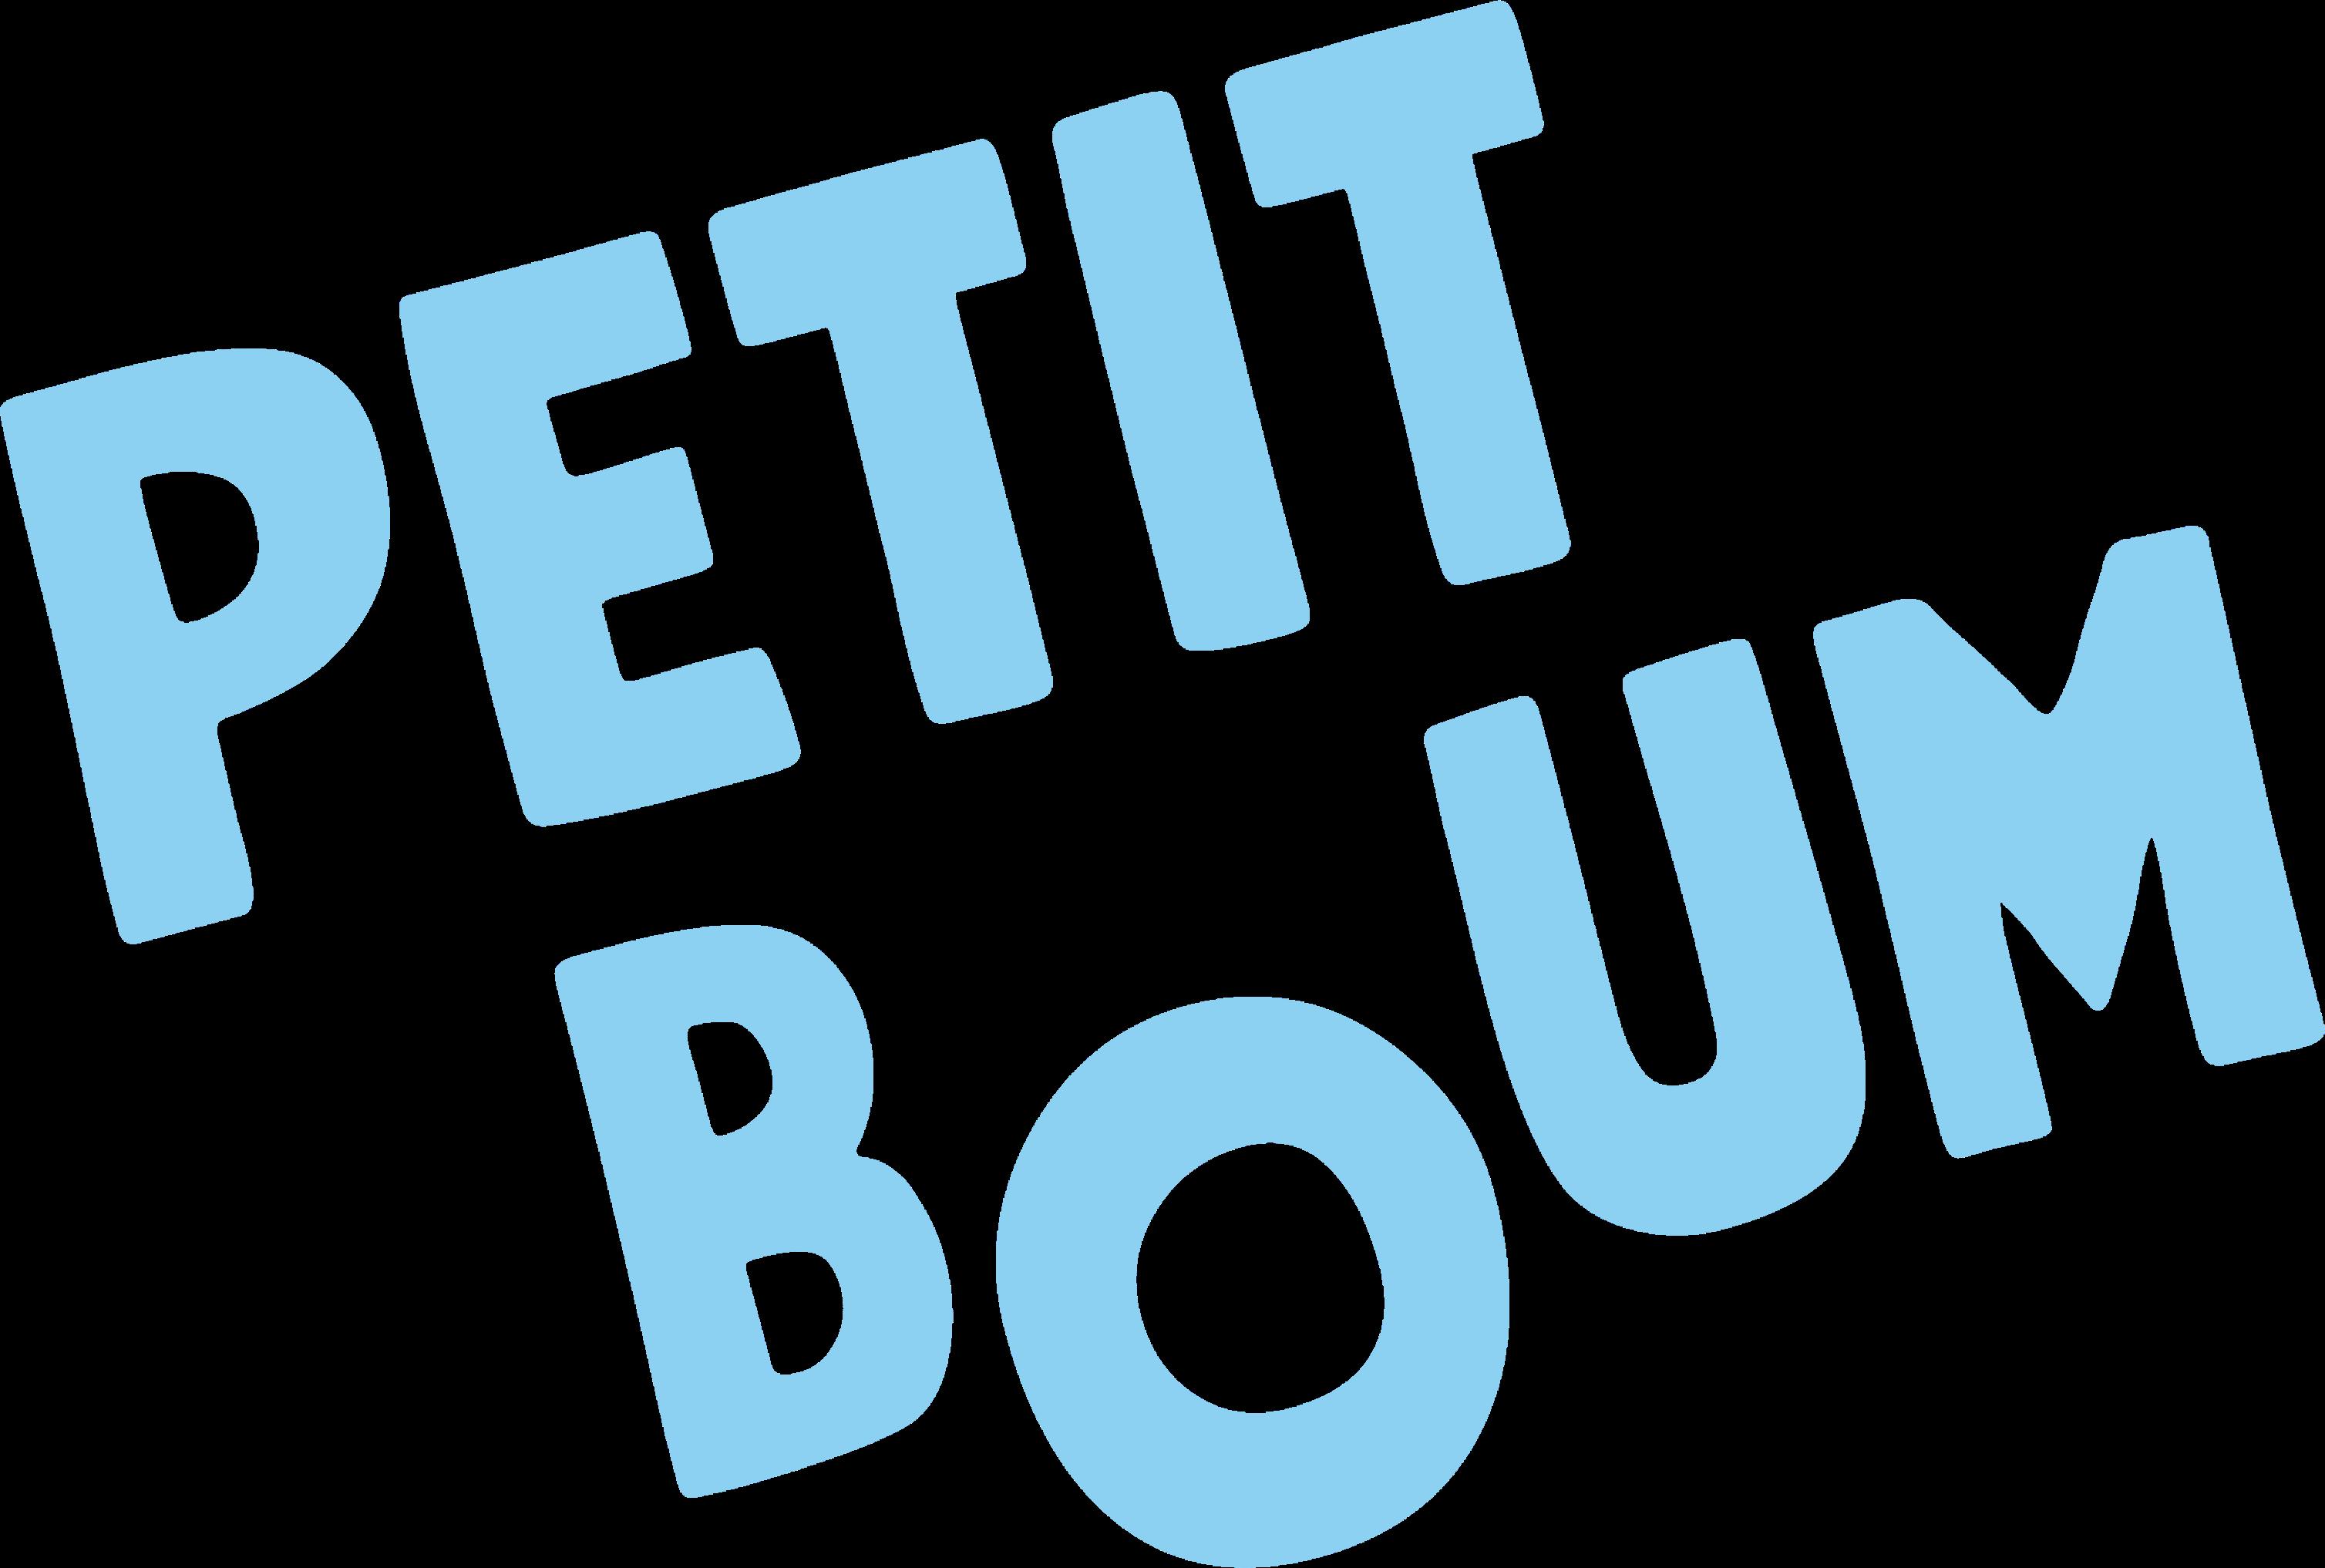 PetitBoum